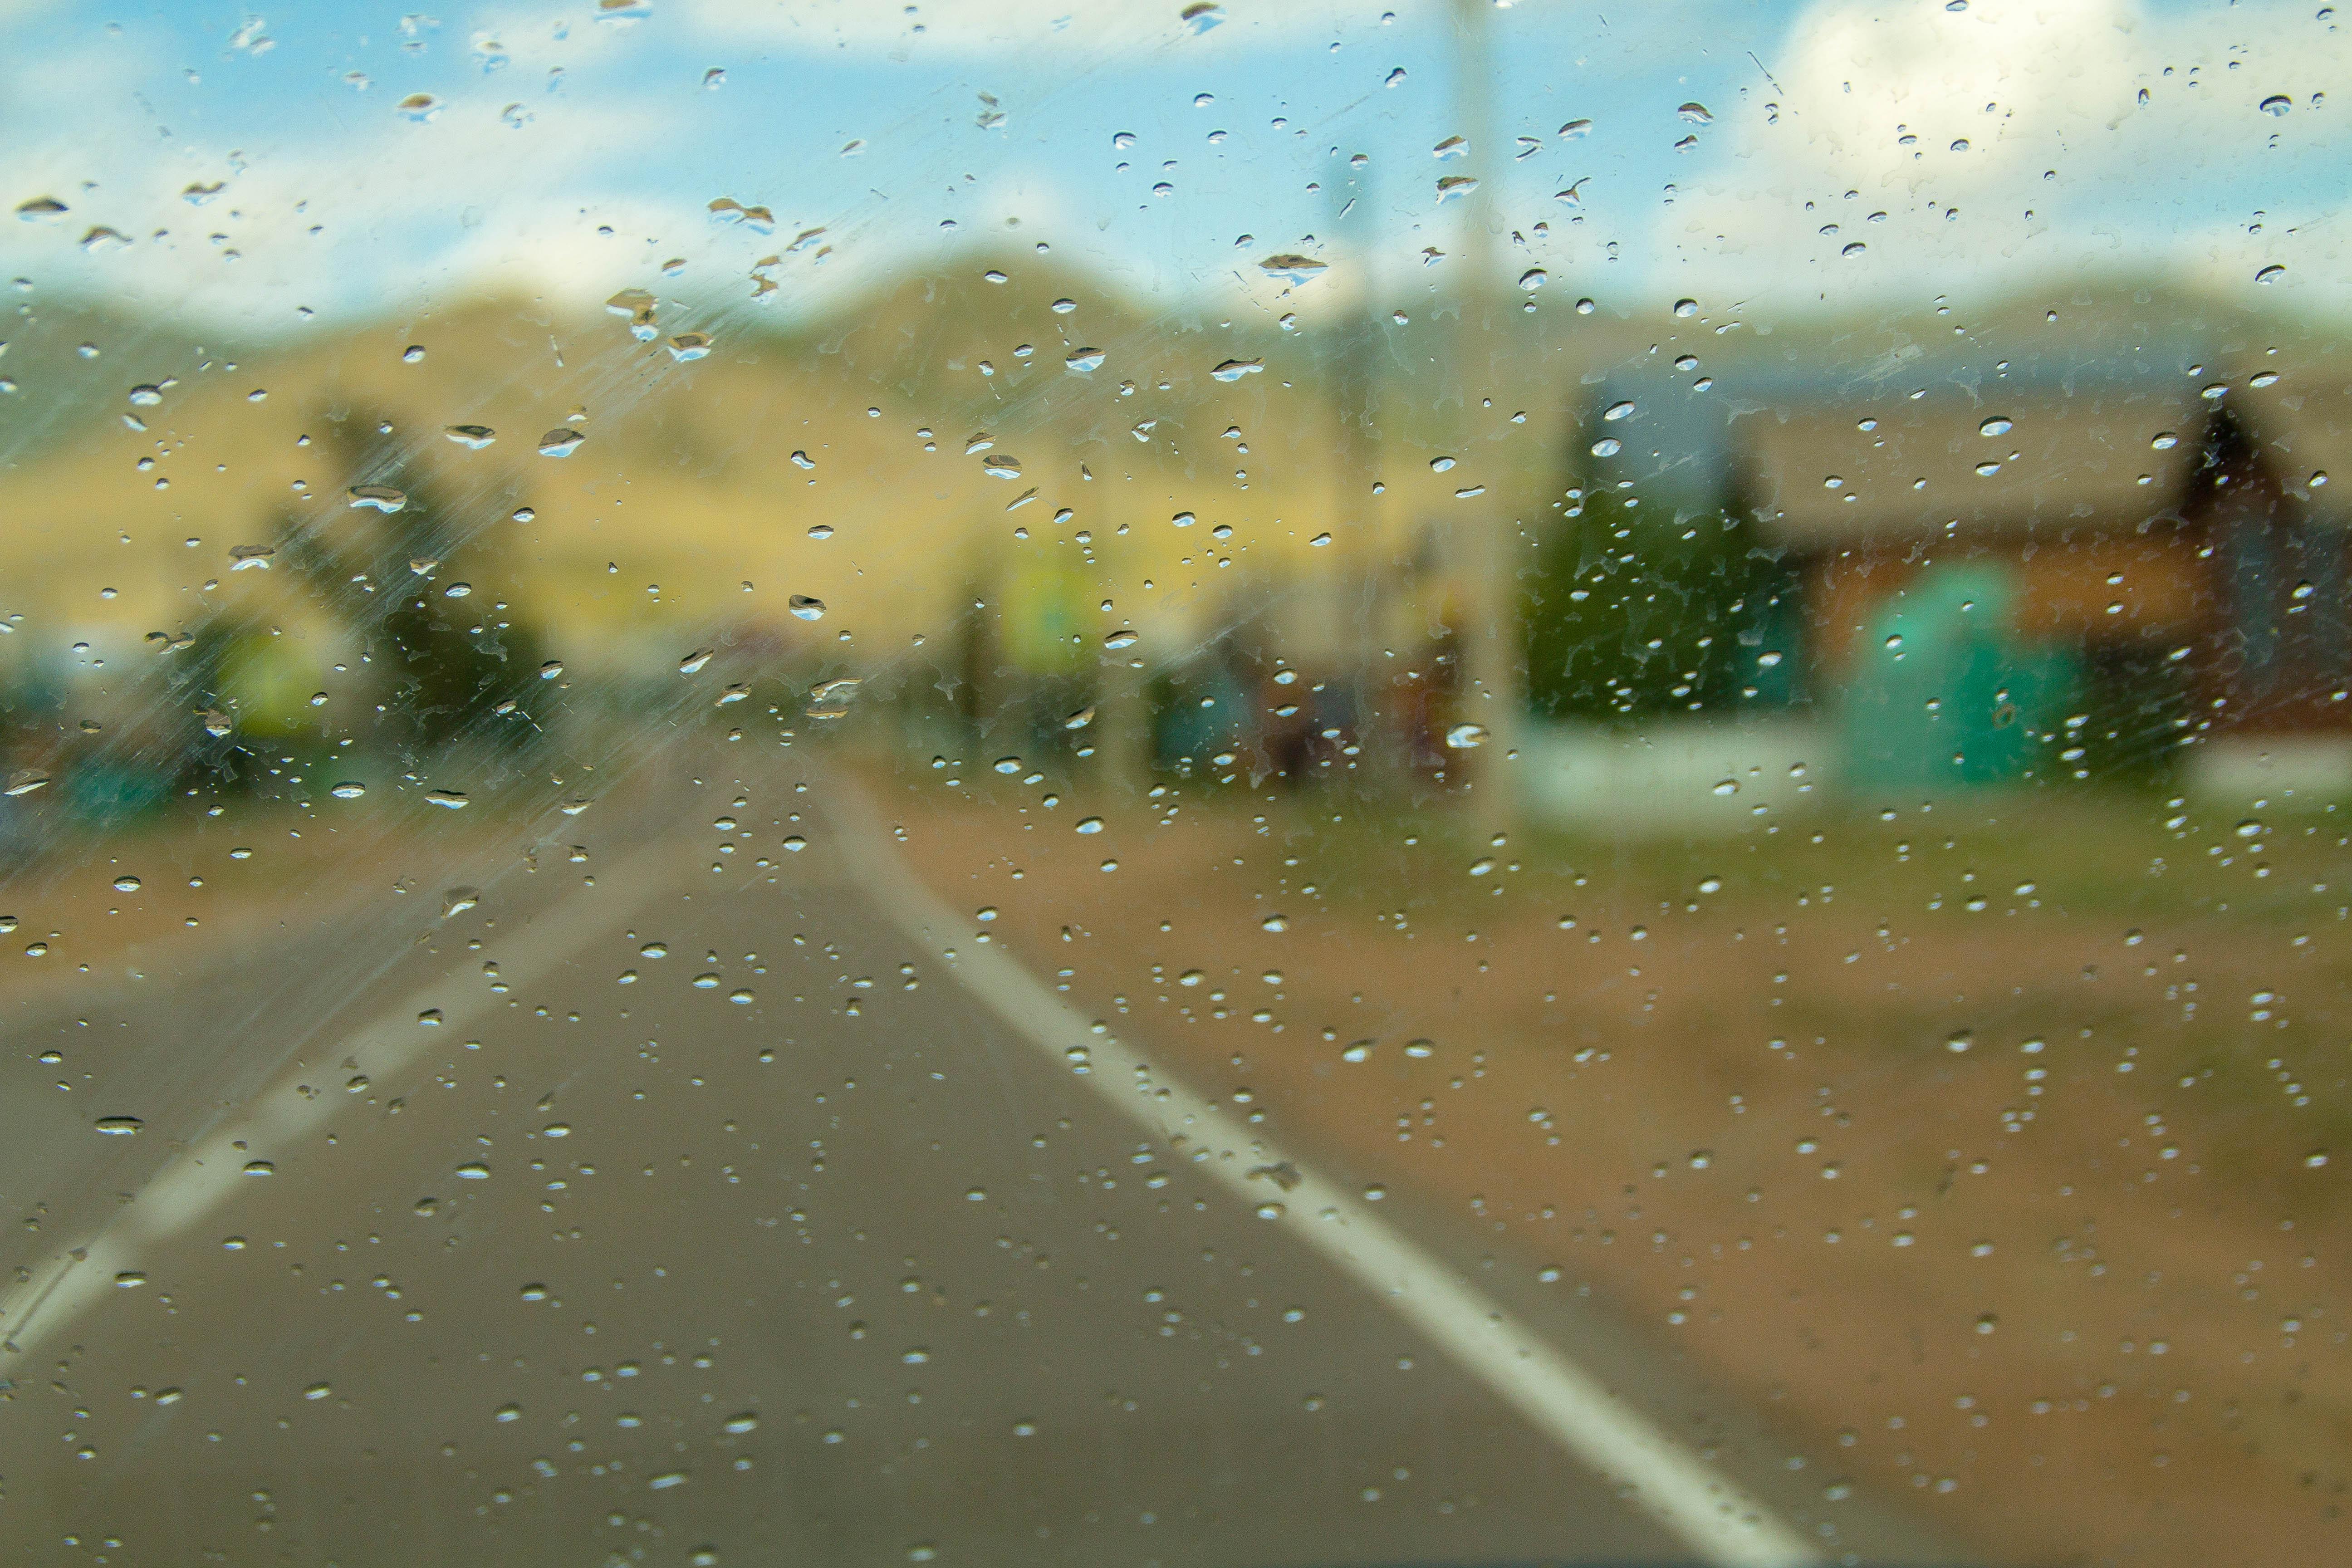 Брызги дождя на лобовом стекле